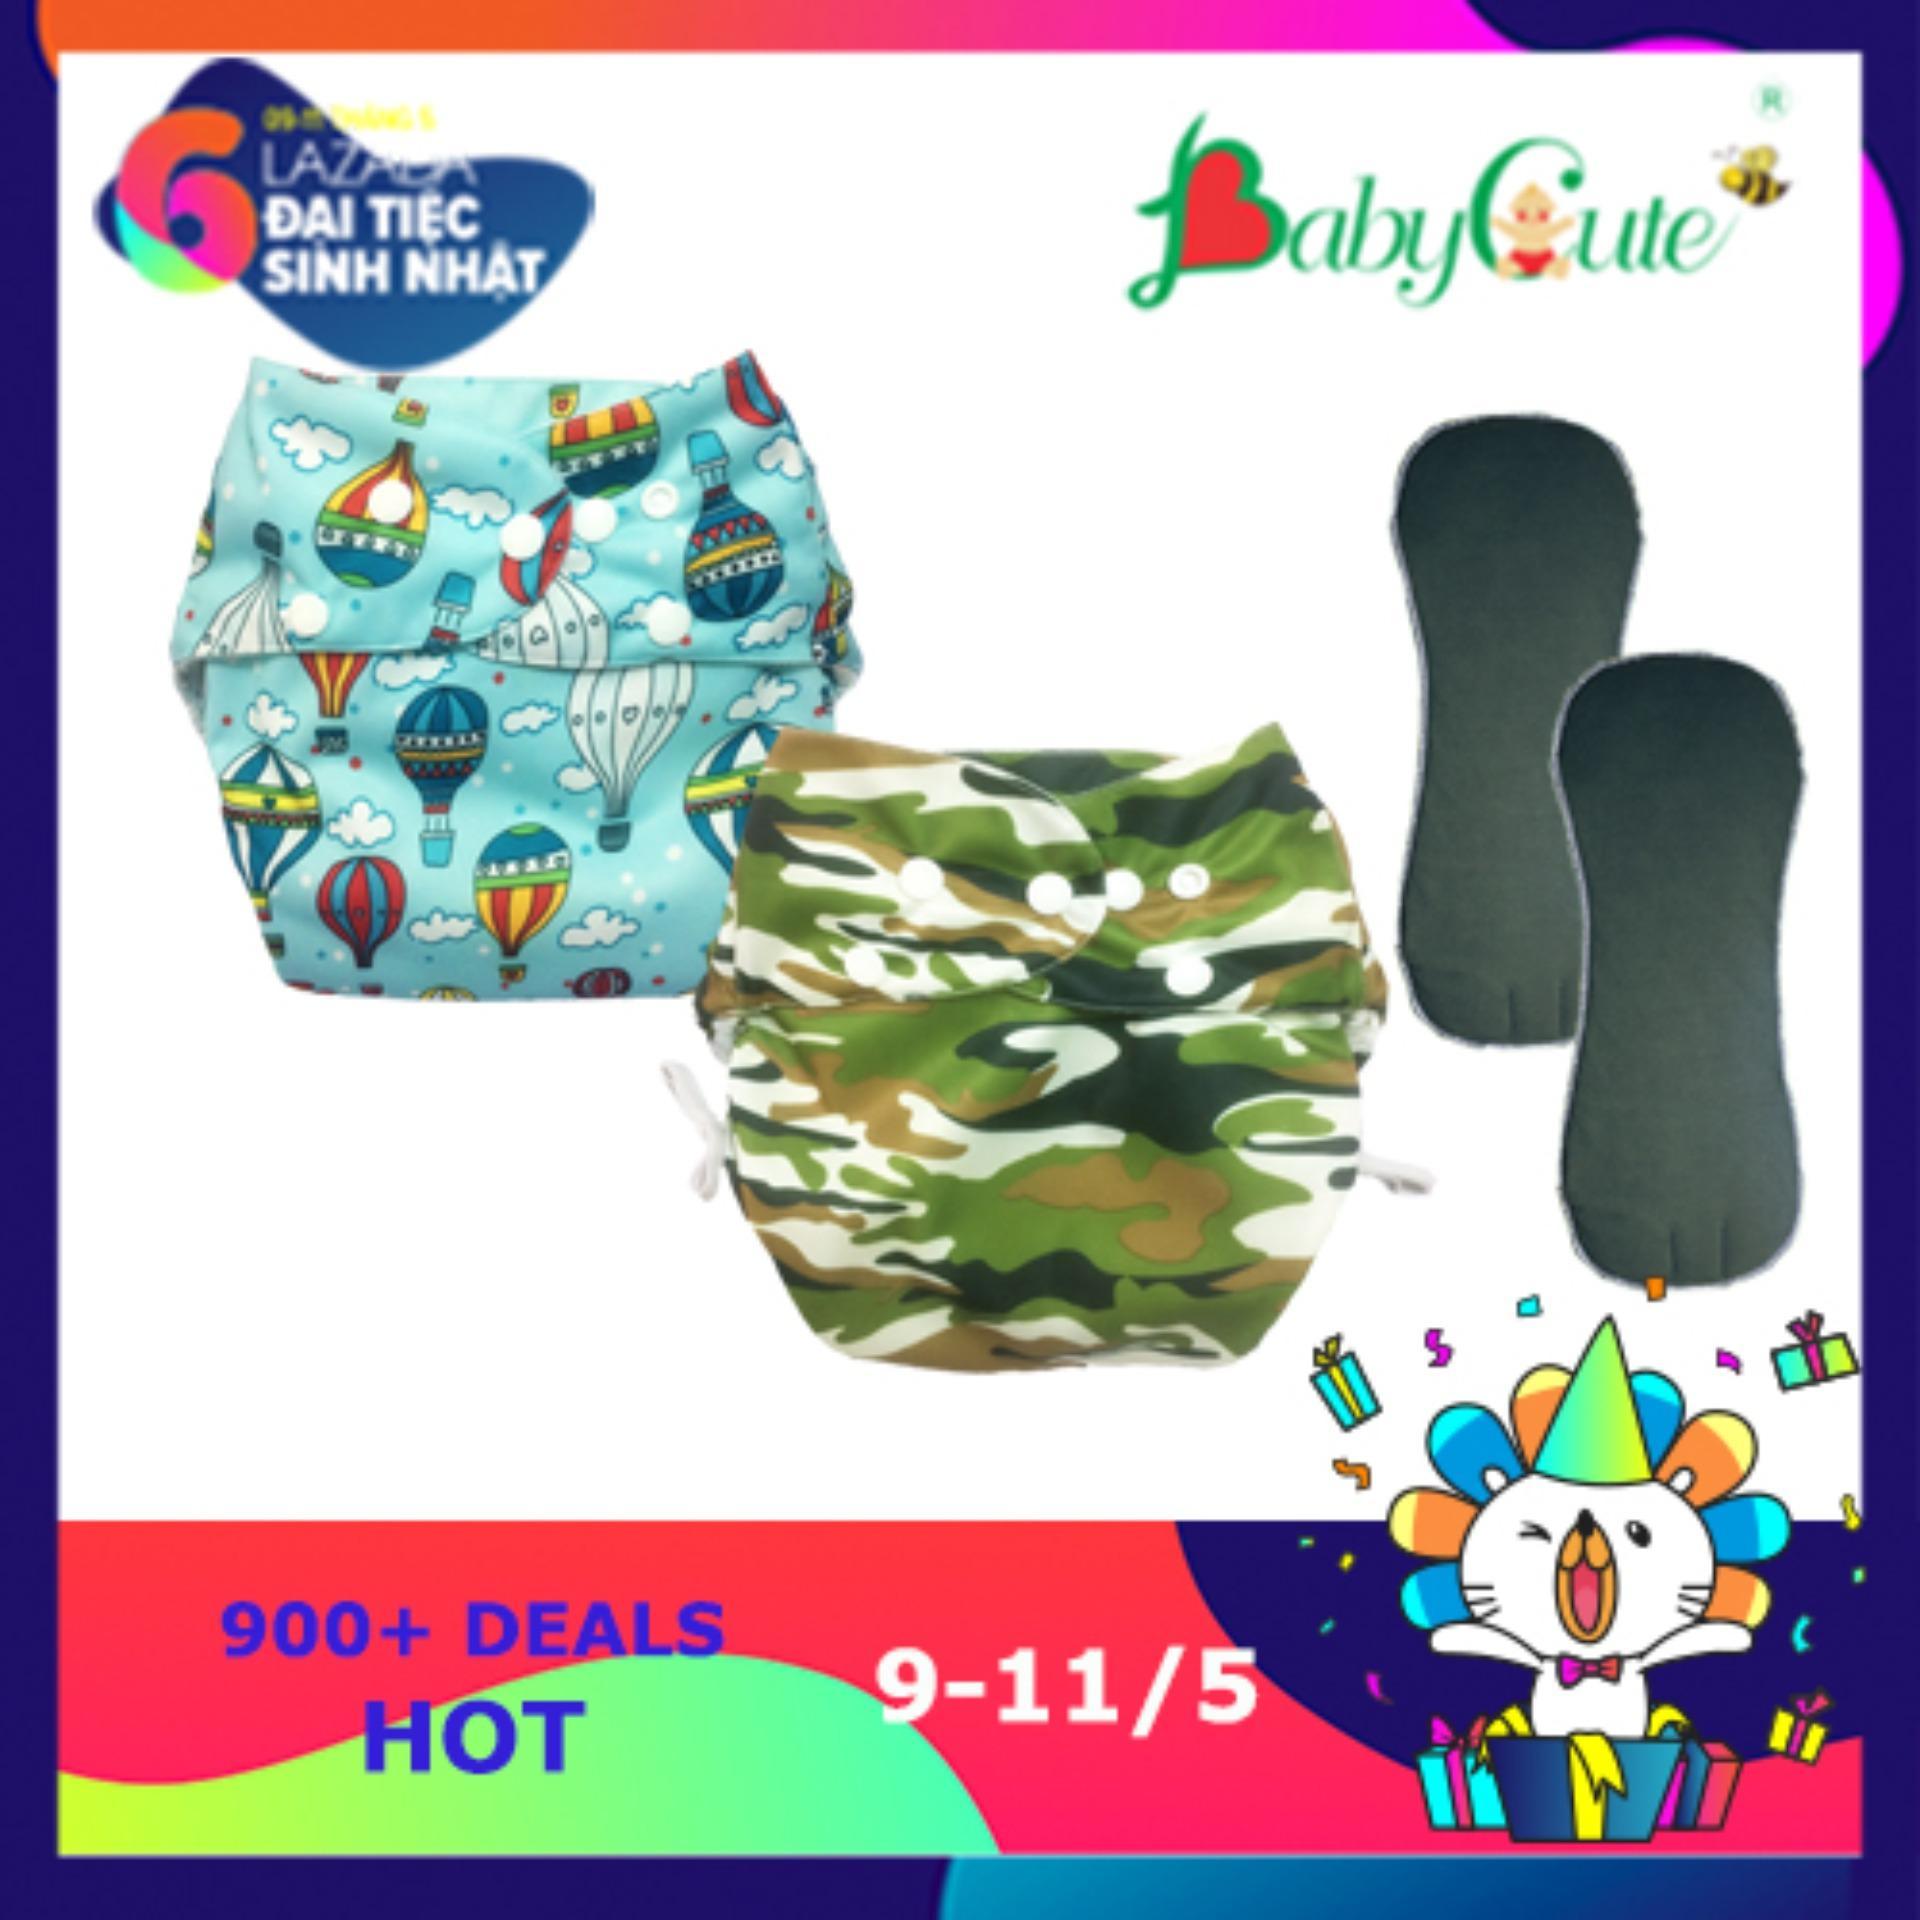 Combo 2 Bộ Ta Vải Đem Sieu Chống Tran Babycute Size M 8 16Kg Chiết Khấu Hồ Chí Minh